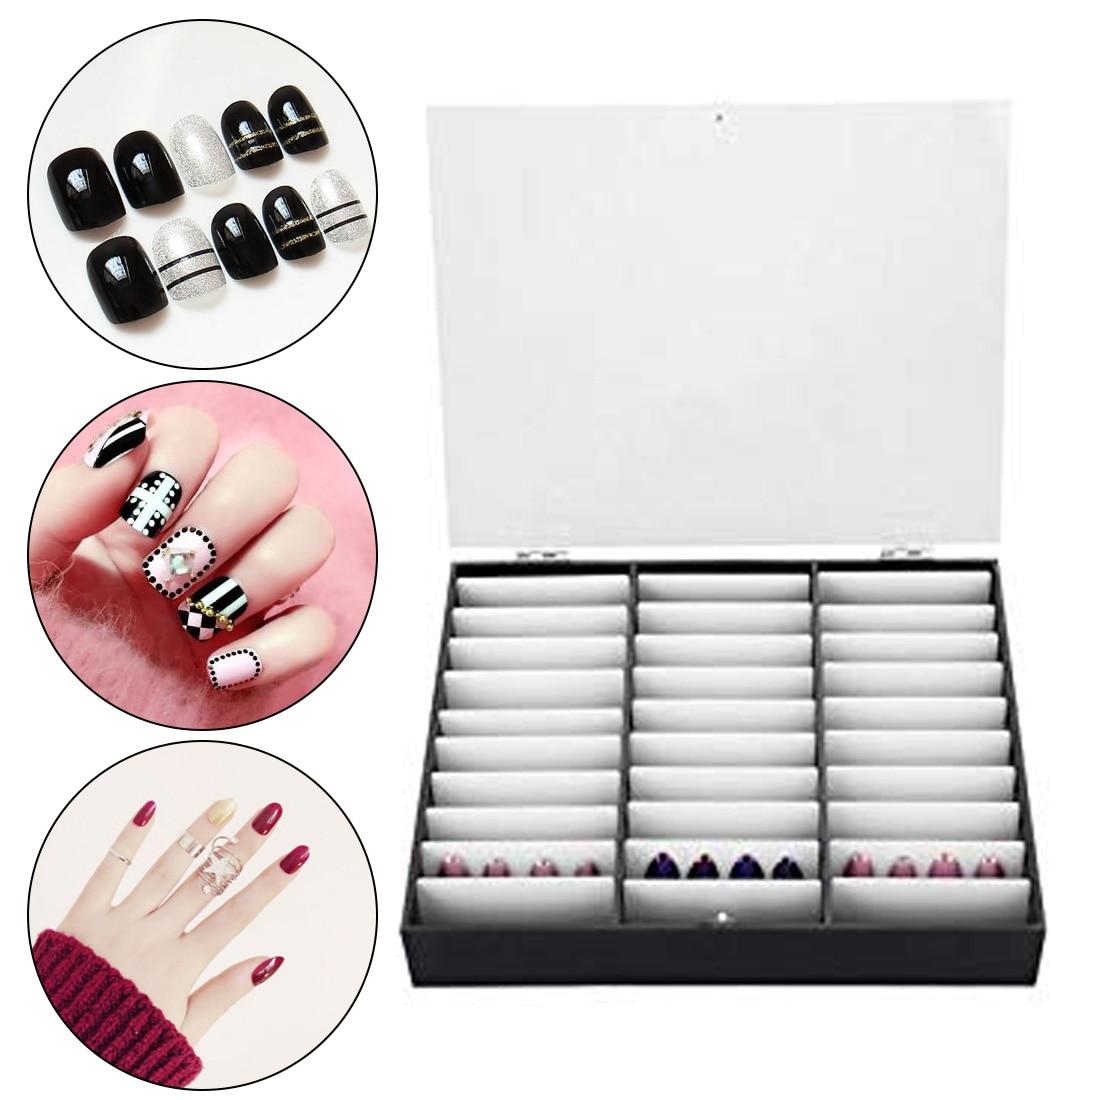 Organisateur de maquillage boîte de rangement faux ongles conseils boîte de rangement 30 compartiments Nail Art décoration conteneur faux ongles vitrine